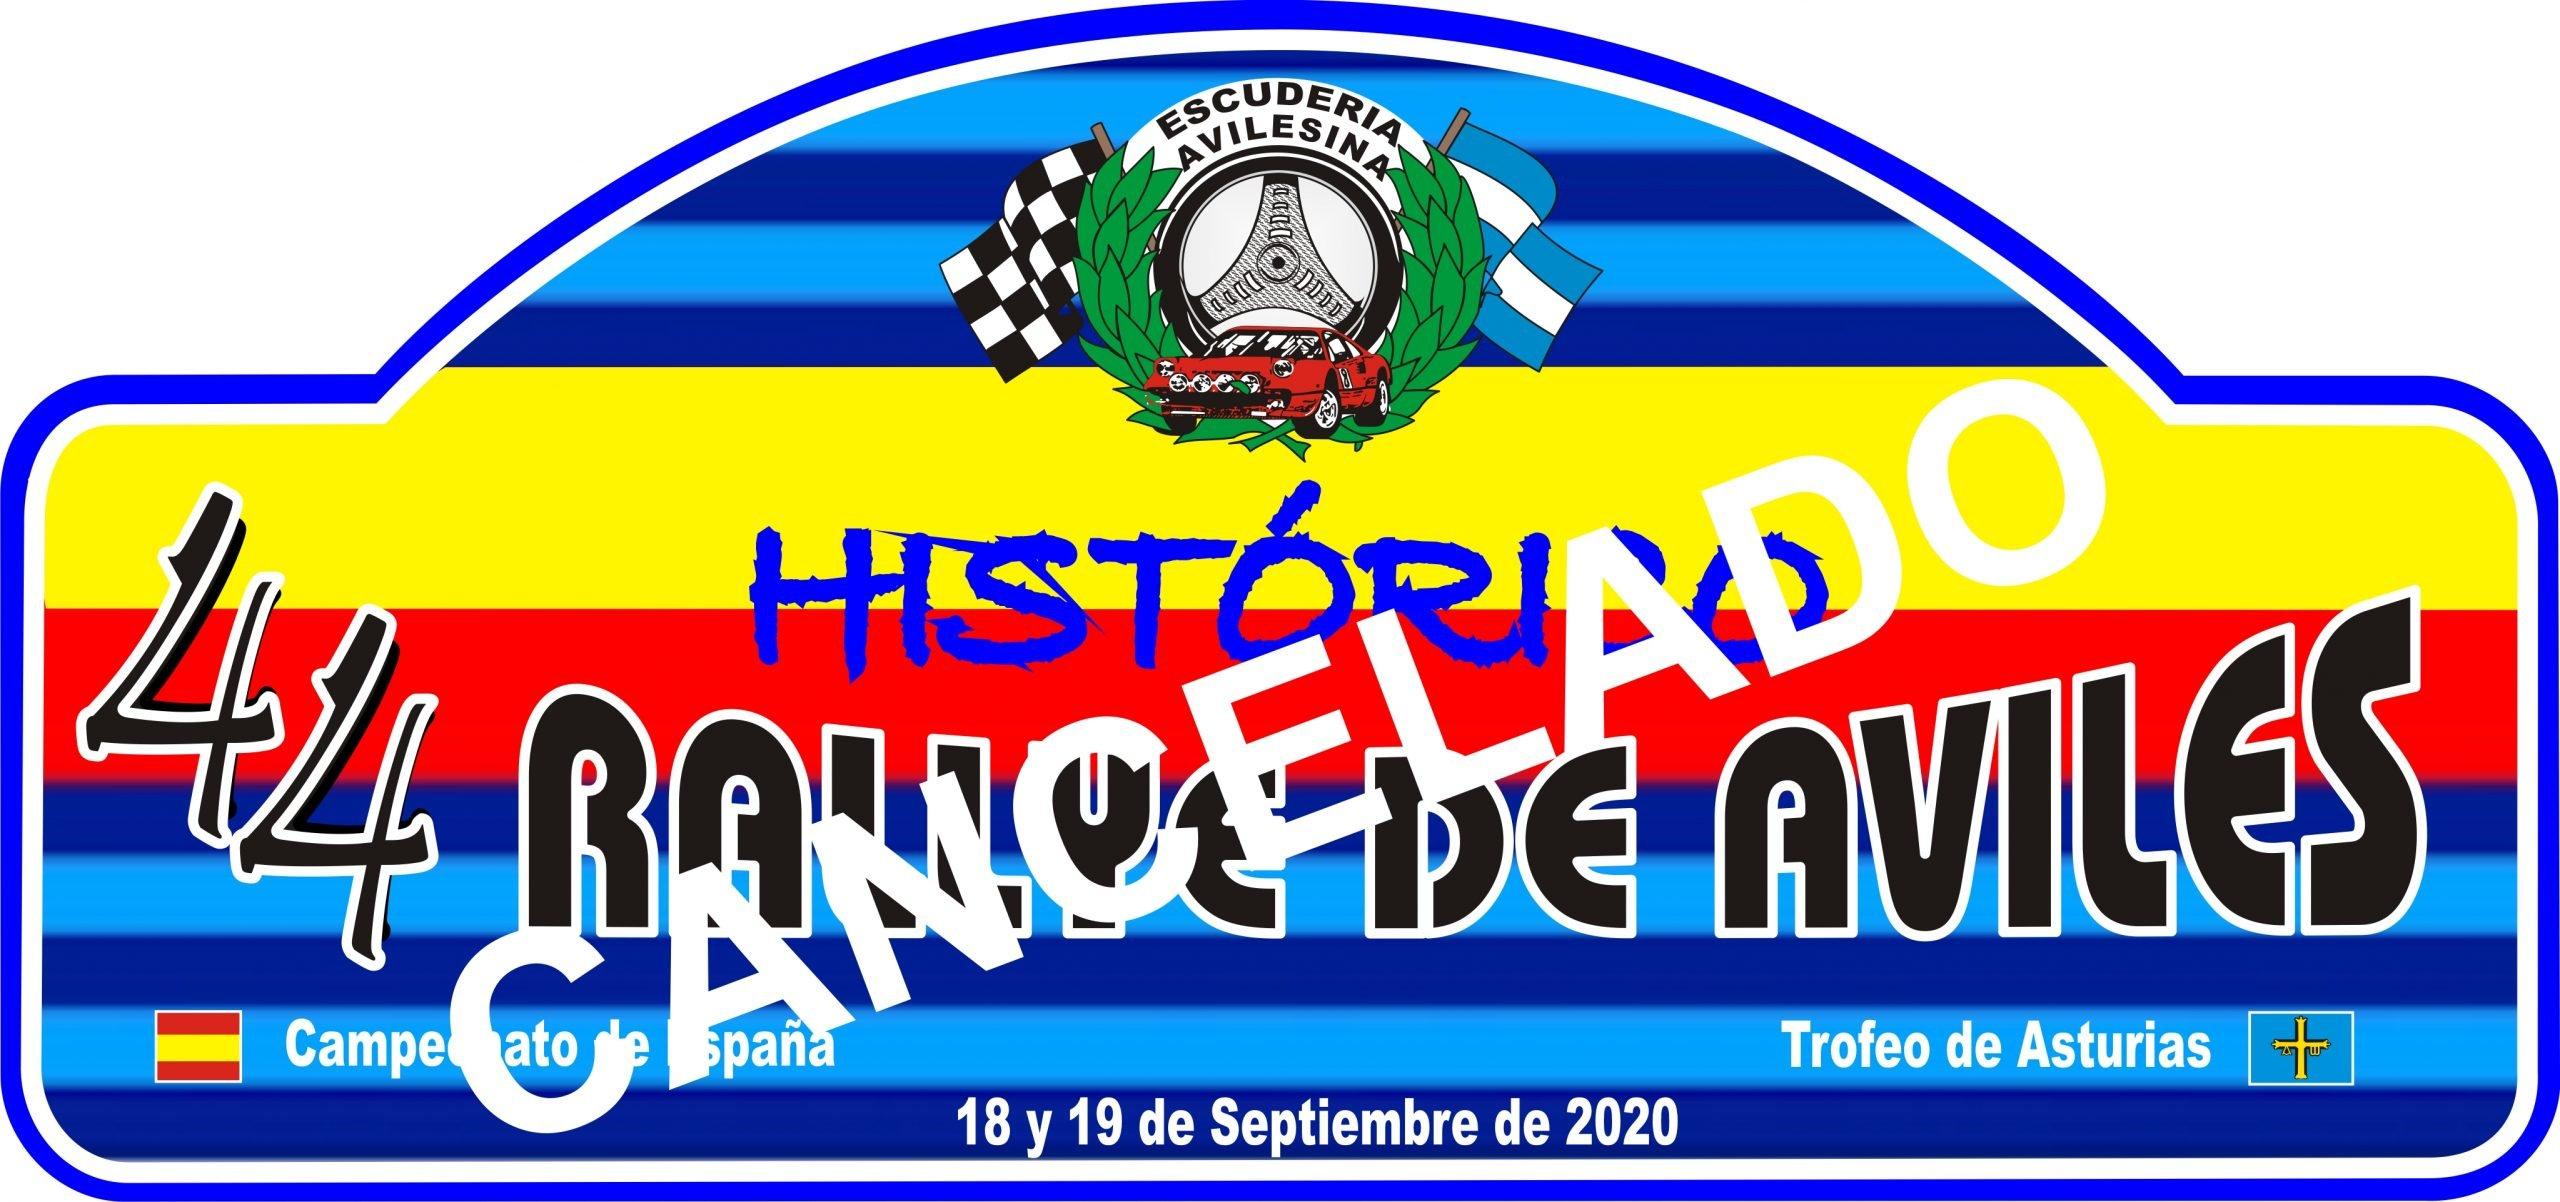 La Consejería de Salud Prohibe la celebración del 44 Rallye de Avilés Histórico